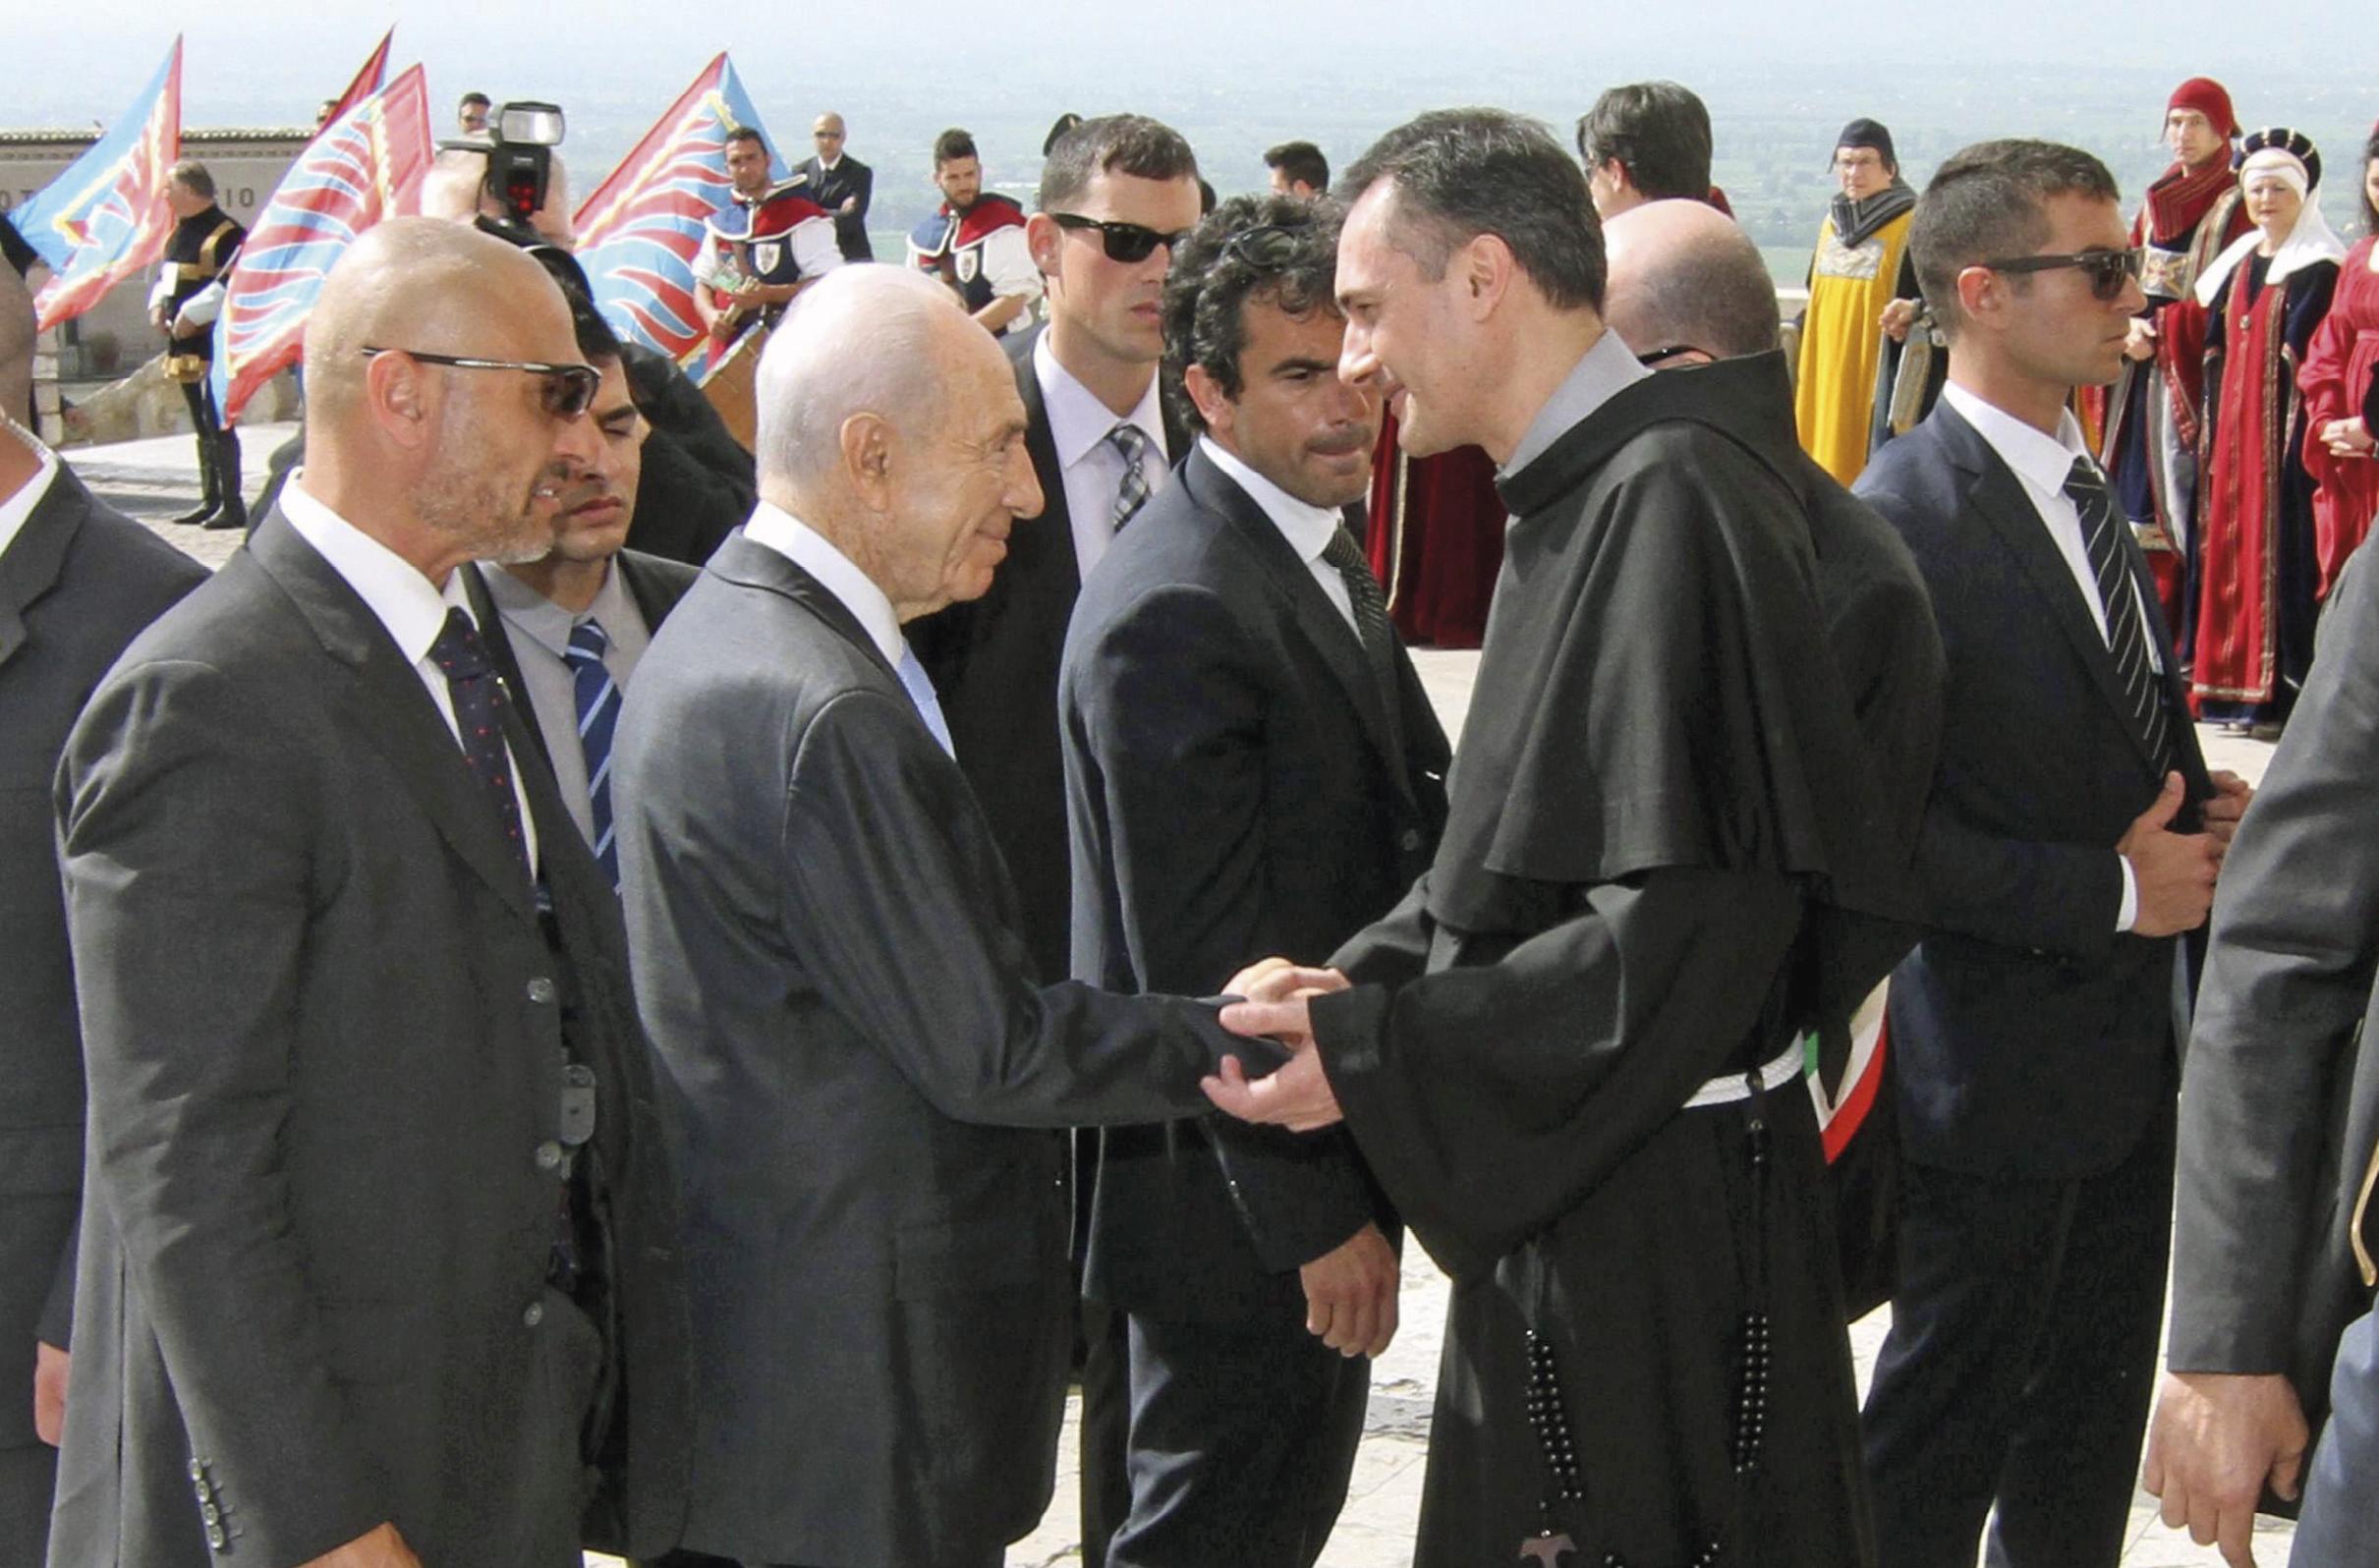 Frei Mauro Gambetti na altura guardião do Convento de Assis e recentemente nomeado cardeal, saúda Simon Peres, na altura presidente de Israel, na sua visita a Assis, 1 de maio de 2013. Foto: EPA / Pietro Crocchioni.